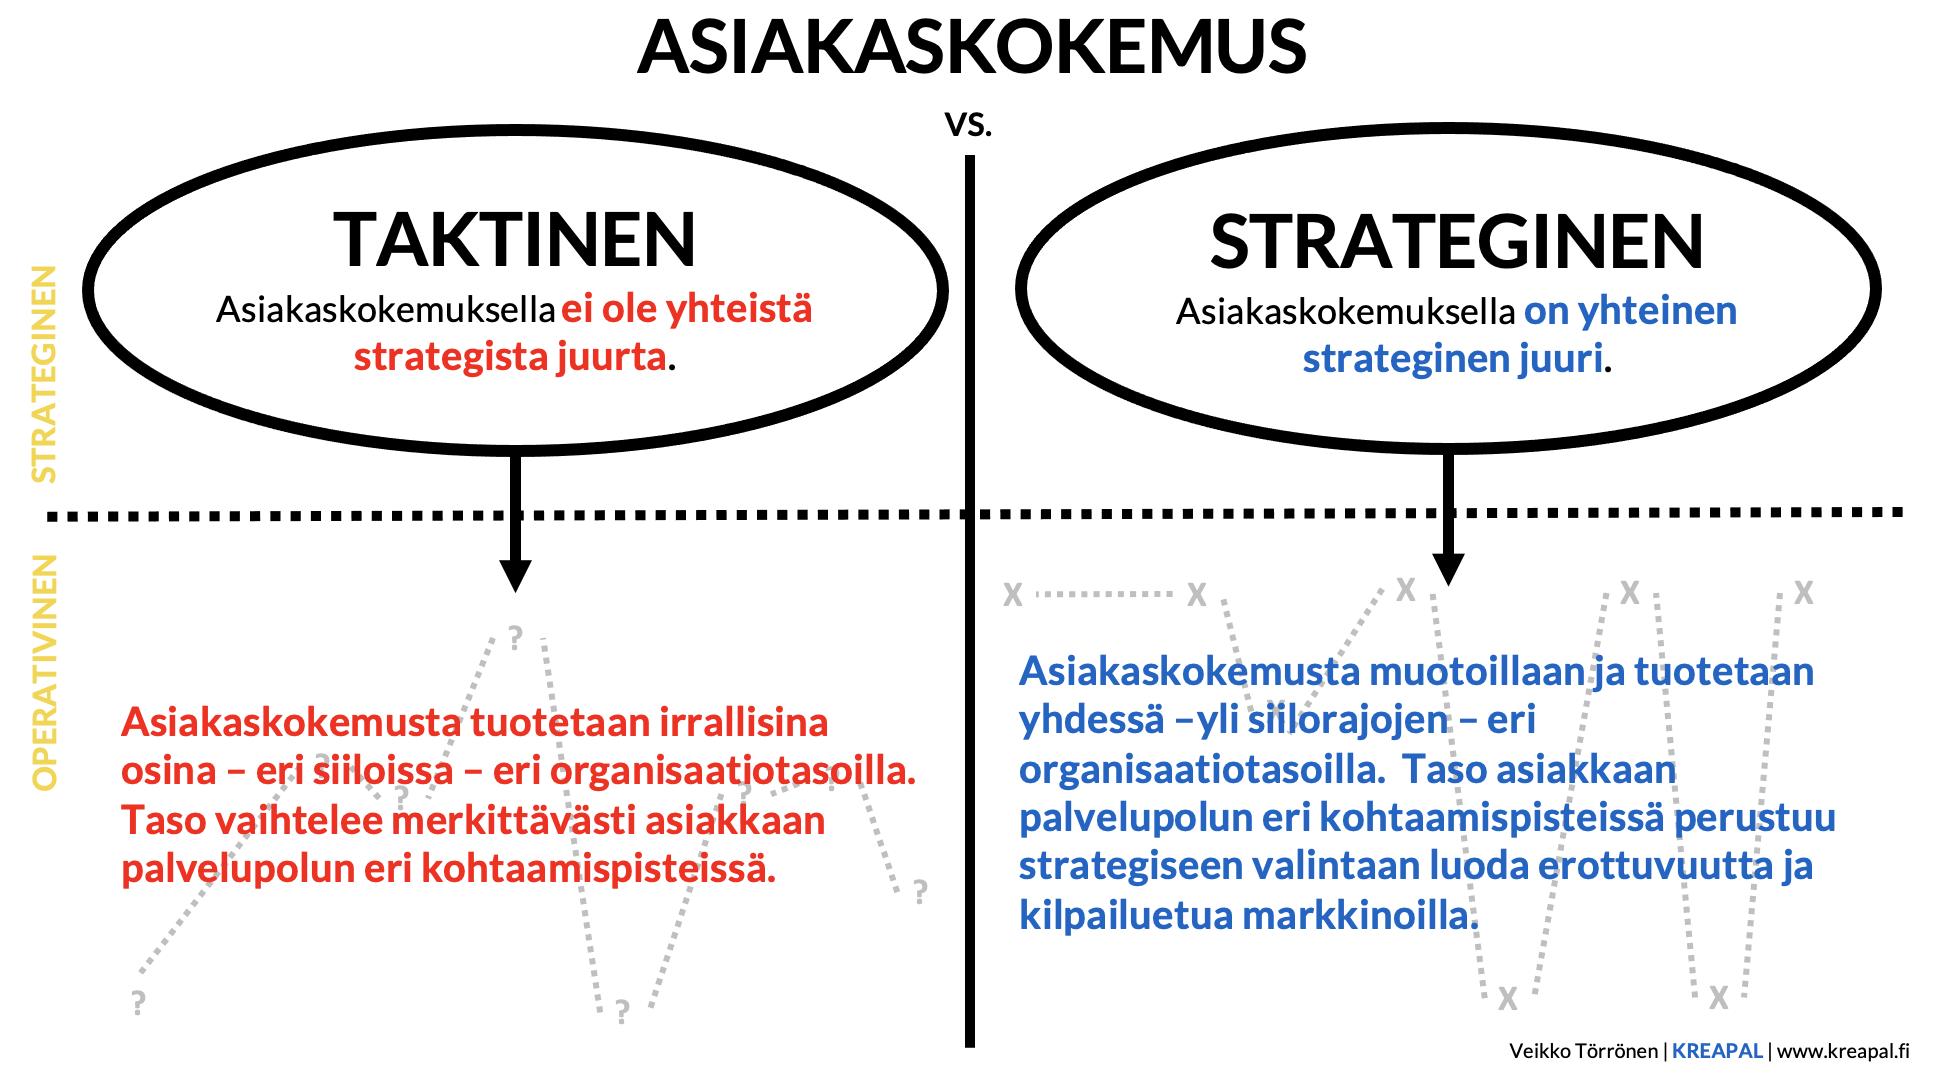 asiakaskokemus ja strategia